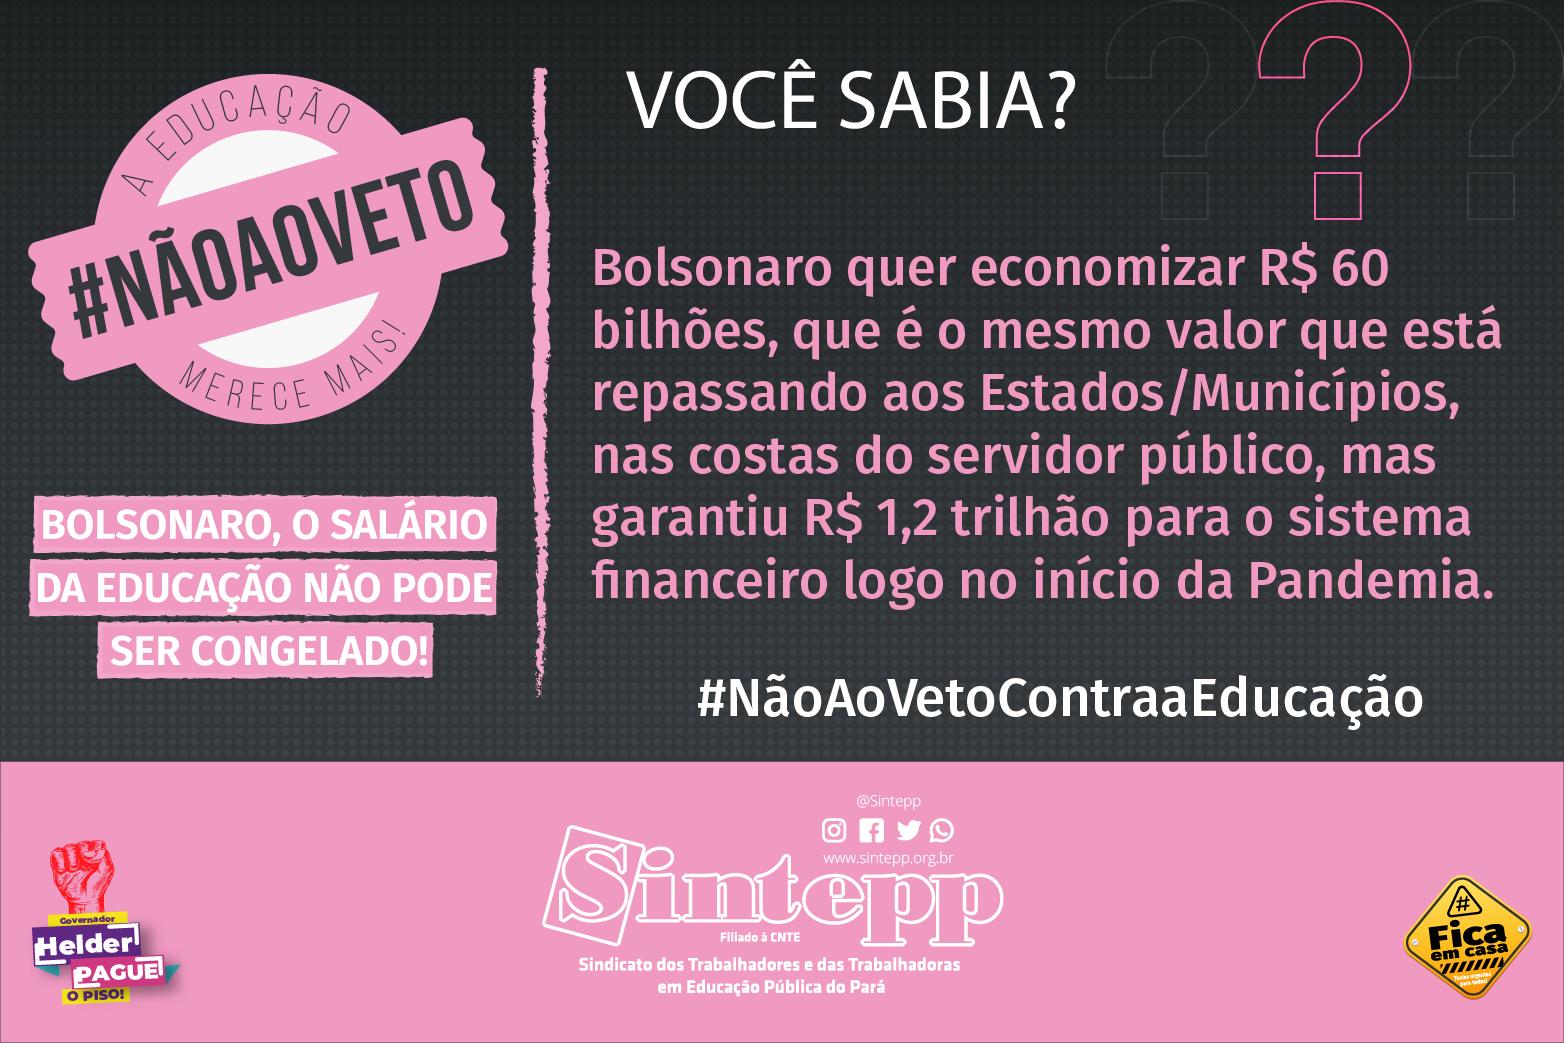 Você sabia? Bolsonaro quer economizar R$ 60 bilhões, que é o mesmo valor que está repassando aos Estados/Municípios, nas costas do servidor público, mas garantiu R$ 1,2 trilhão … #NãoAoVetoContraaEducação